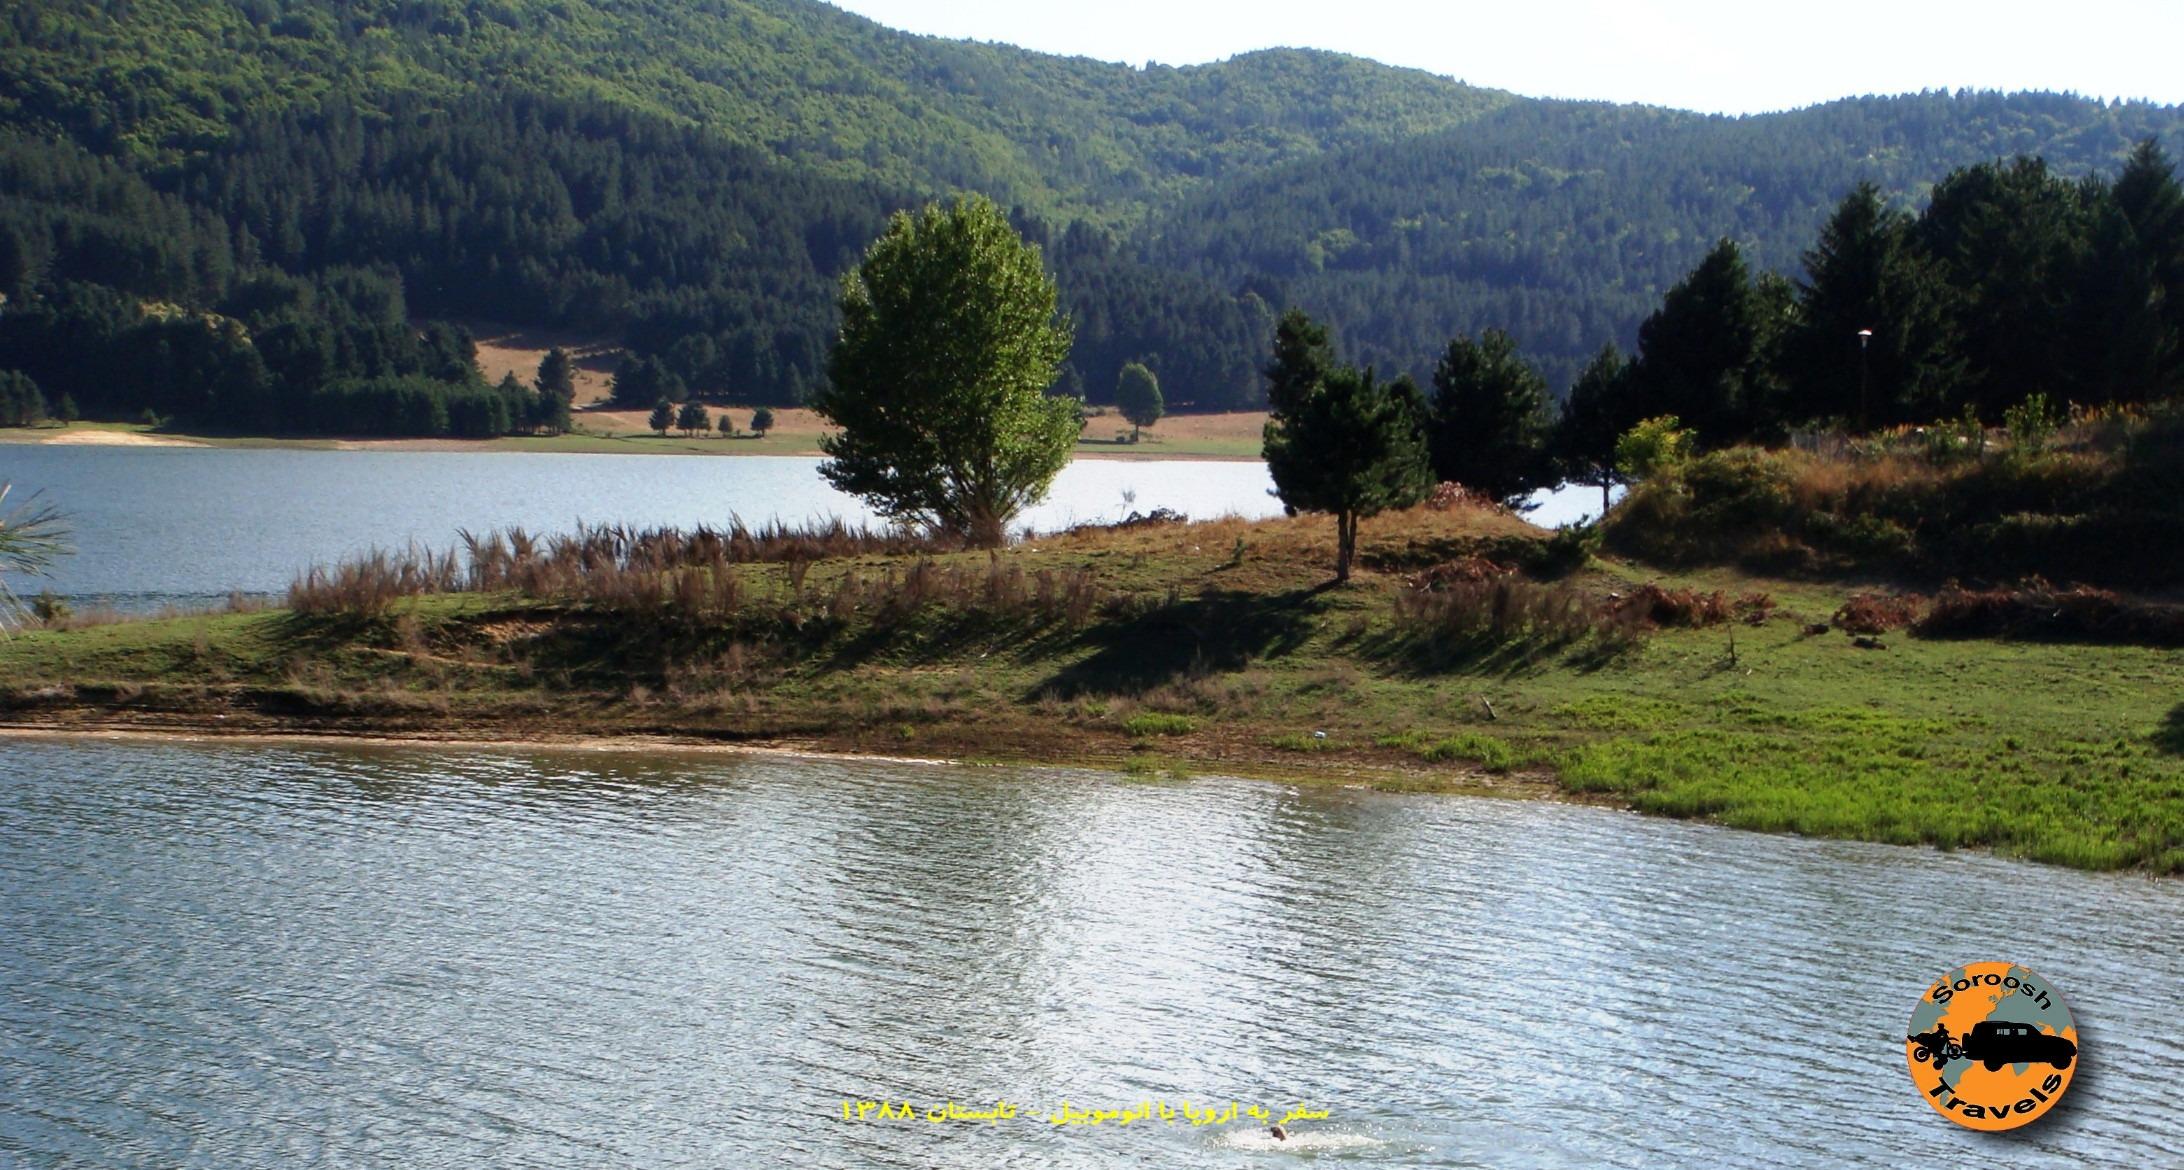 ۲۶-mordad-1388-17-august-2009-lorica-15